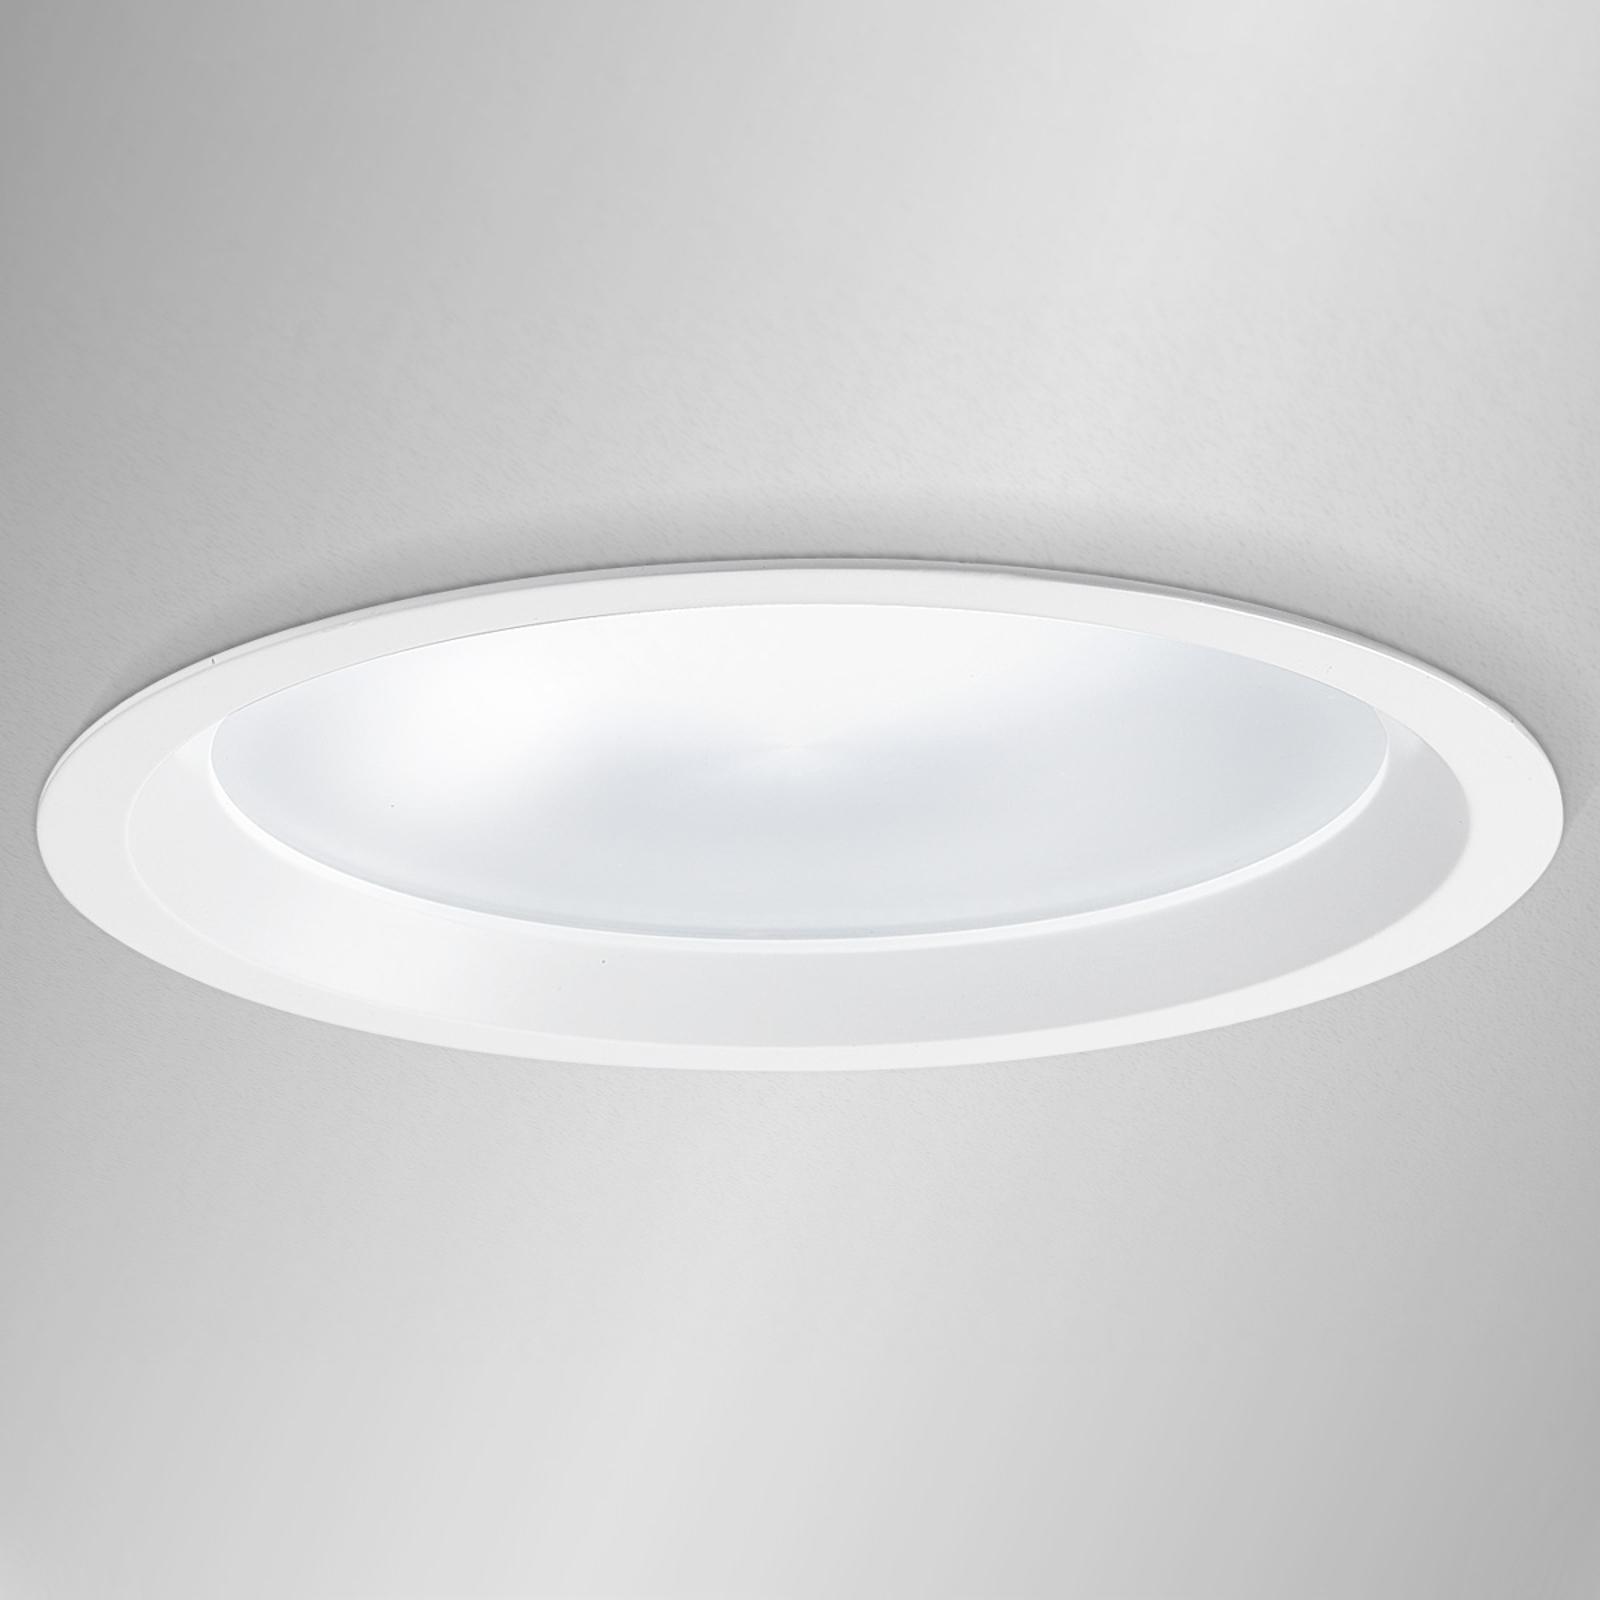 průměr 23 cm - LED podhledový spot LED Strato 230